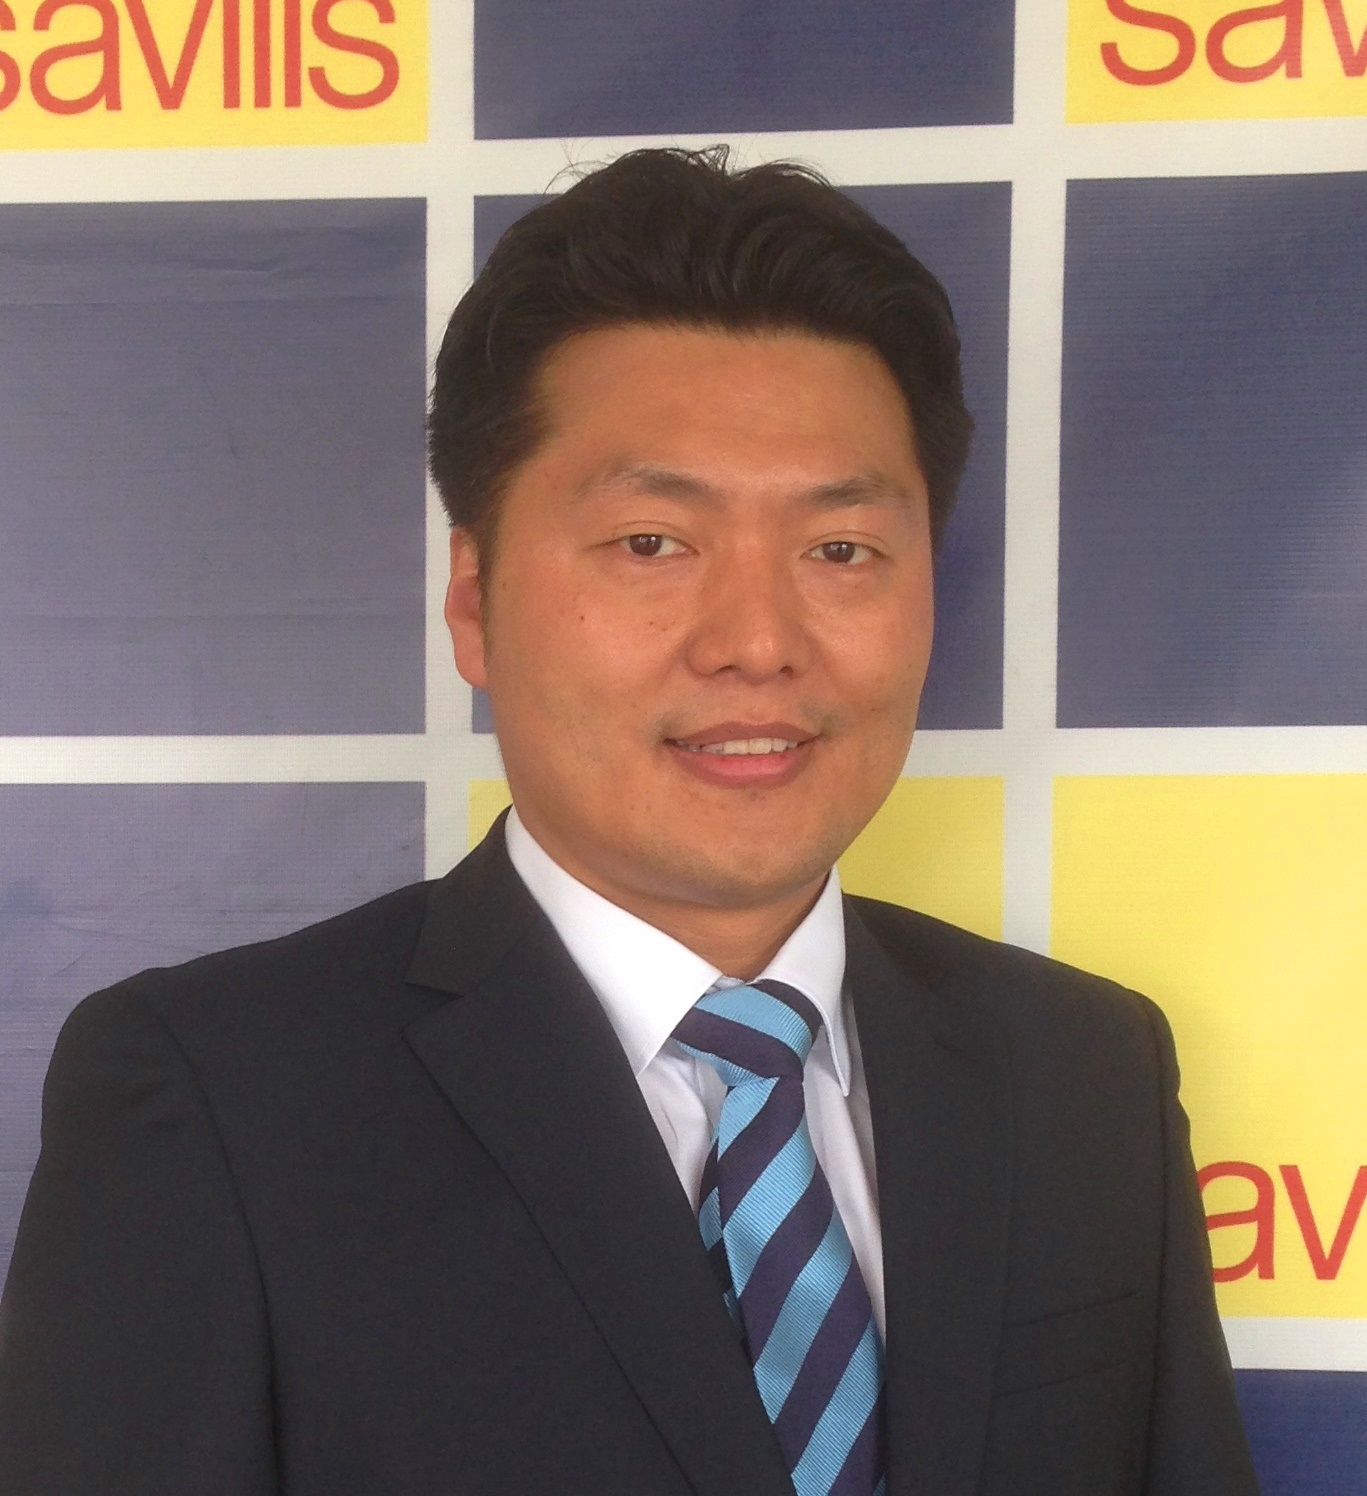 Savills thành lập bộ phận chăm sóc khách hàng Hàn Quốc